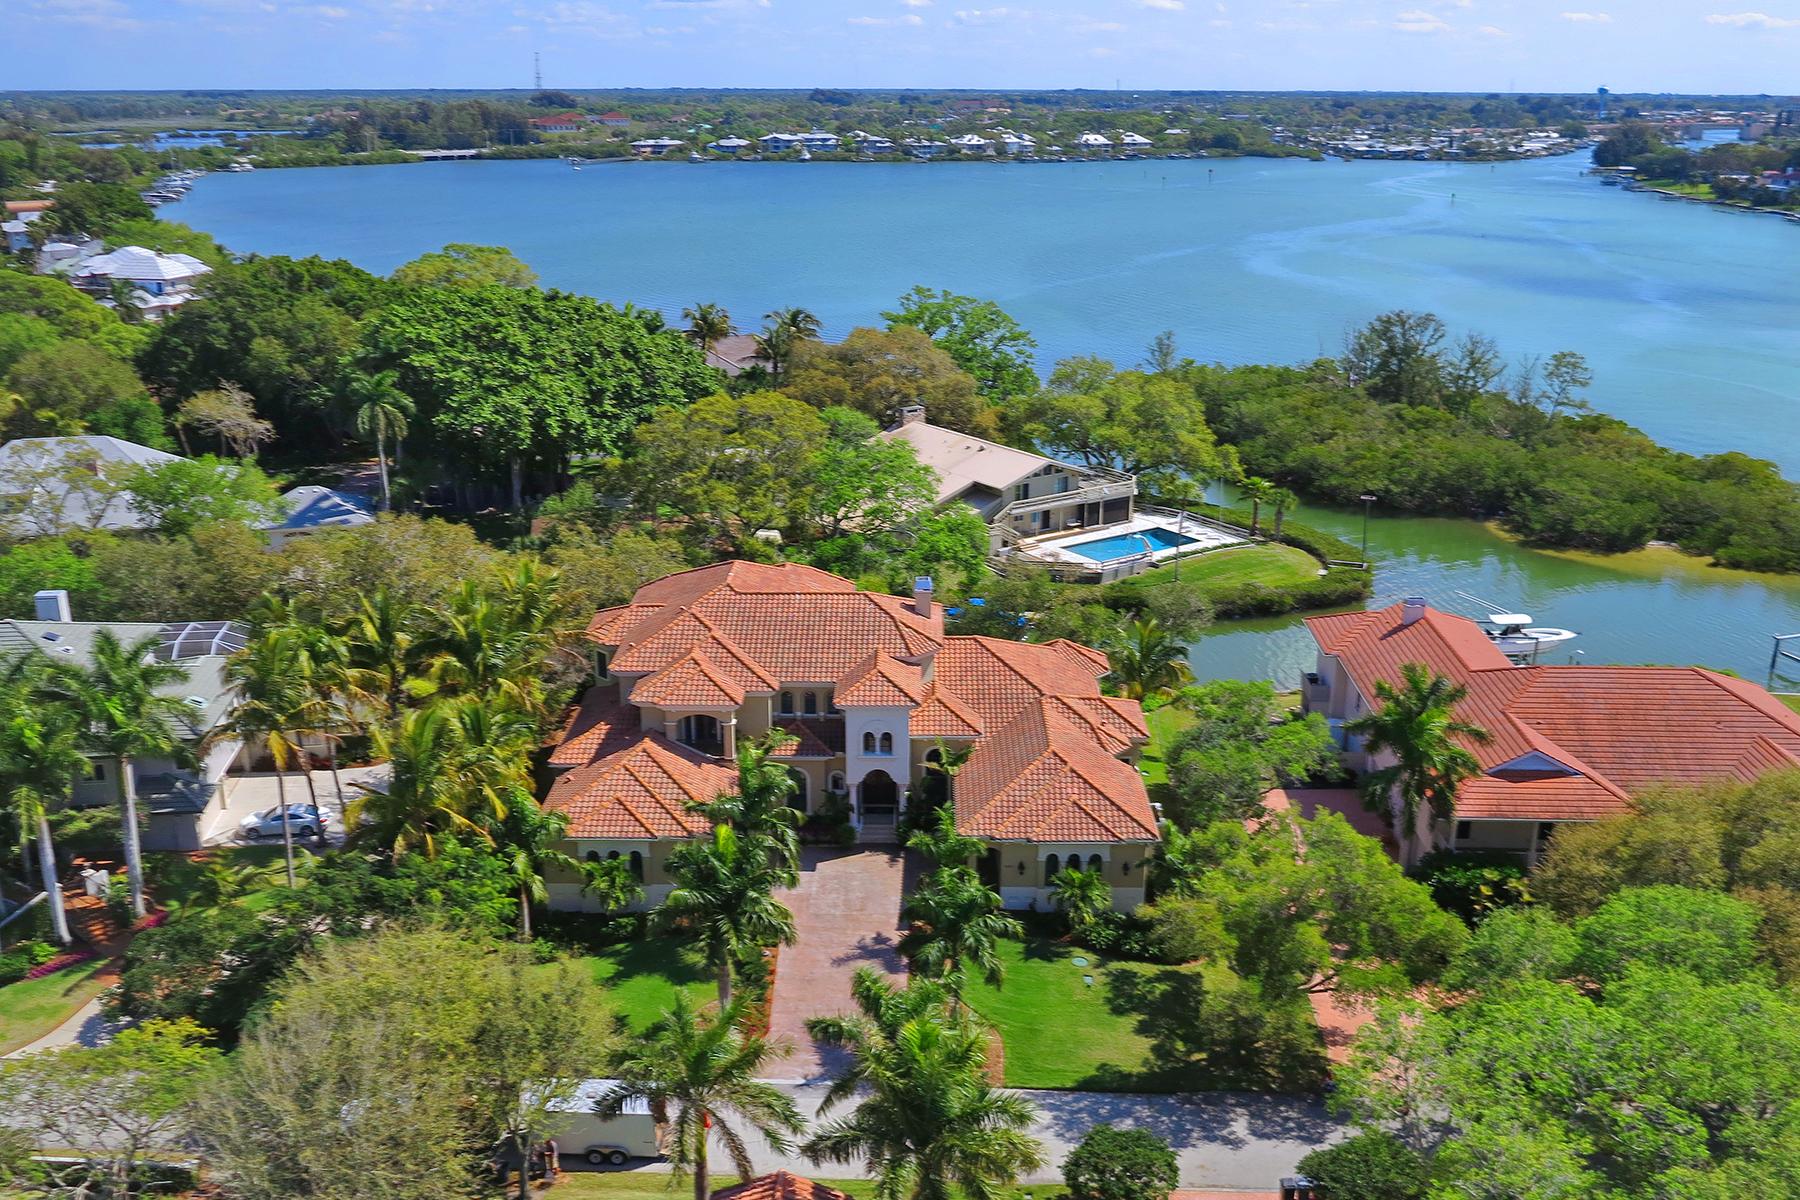 Villa per Vendita alle ore 457 Anchorage Dr , Nokomis, FL 34275 457 Anchorage Dr Nokomis, Florida, 34275 Stati Uniti